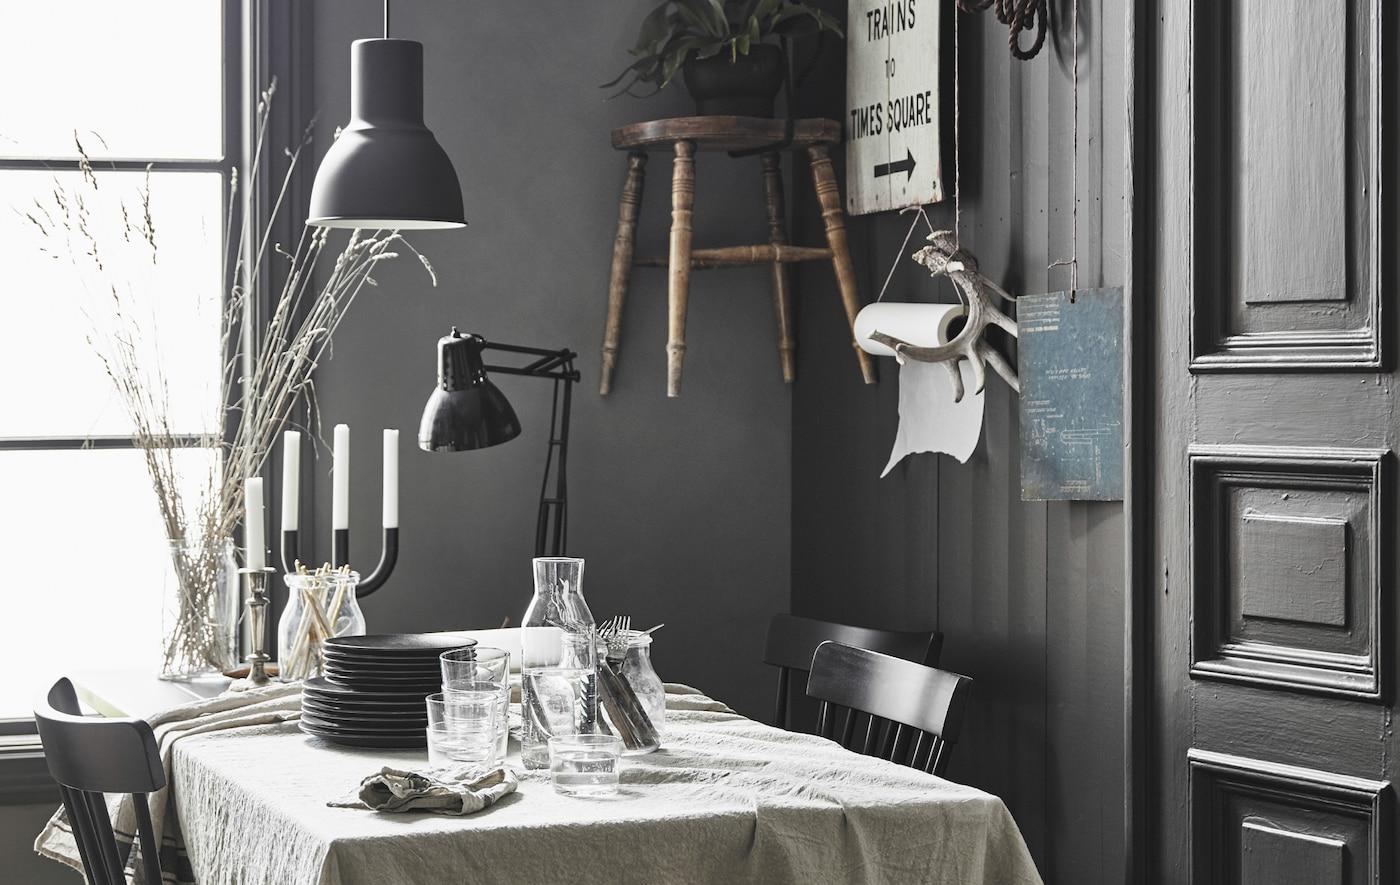 Ein Esstisch mit Leinentischdecke in einer modernen rustikalen Küche mit persönlicher Note.